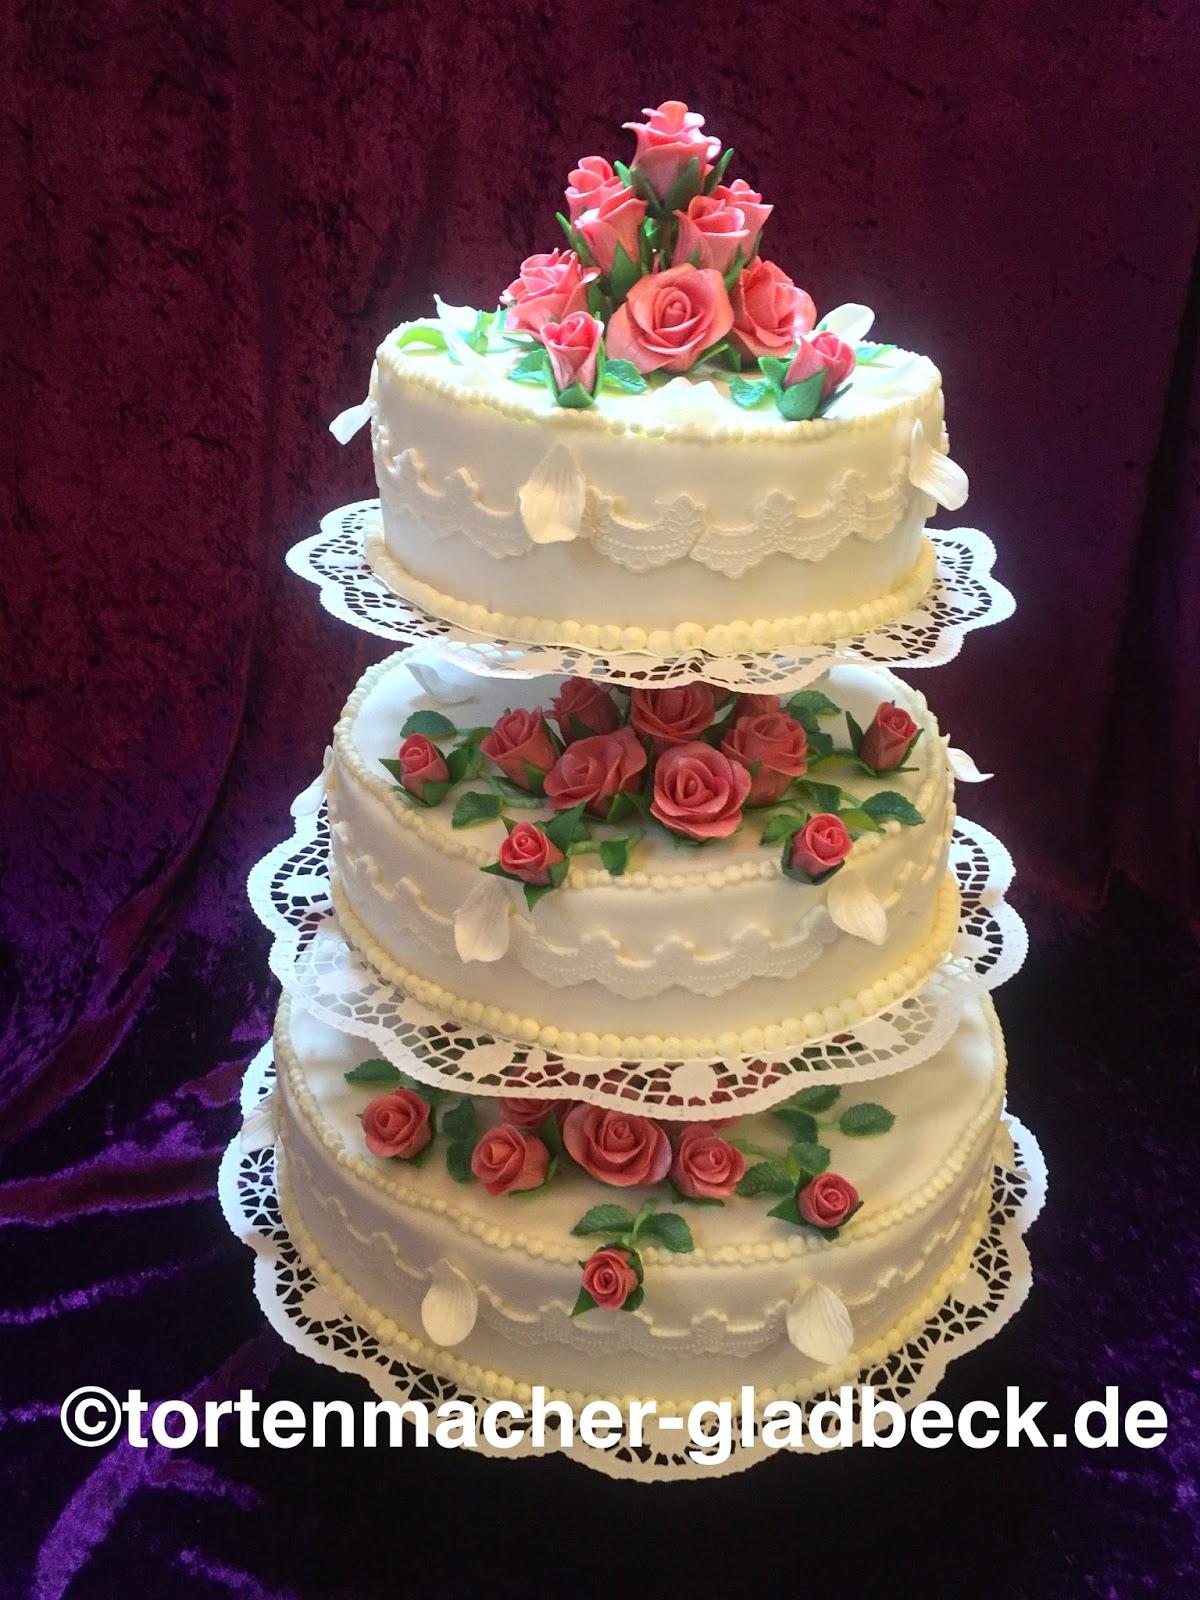 Der Tortenmacher Gladbeck Torten Bestellung Kommunion Geburtstag